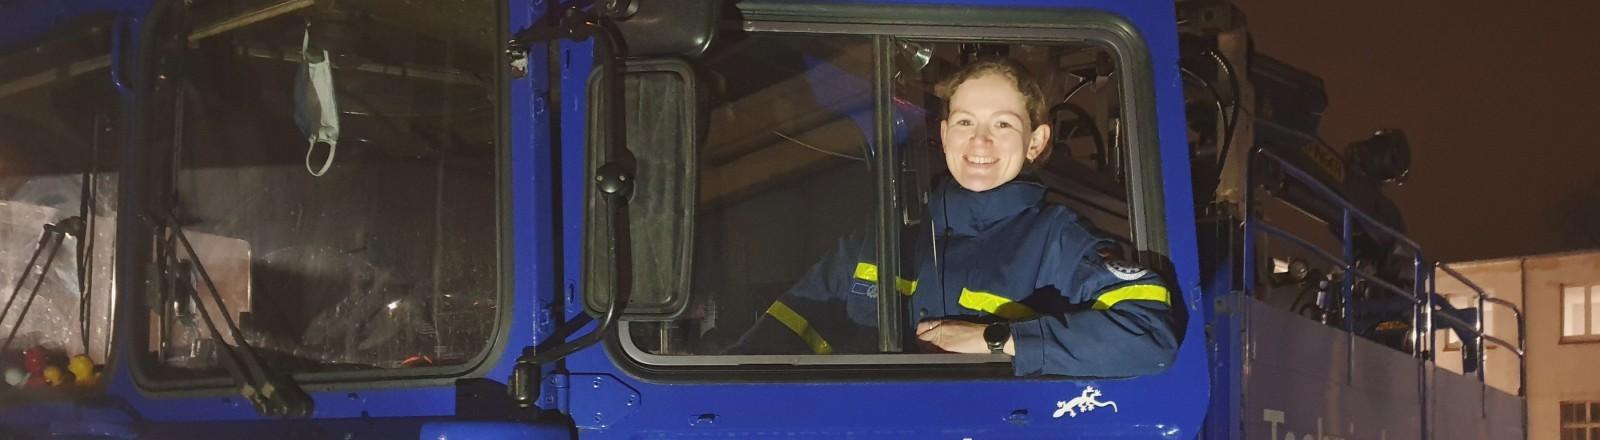 Saskia Martens vom Technischen Hilfswerk (THW).